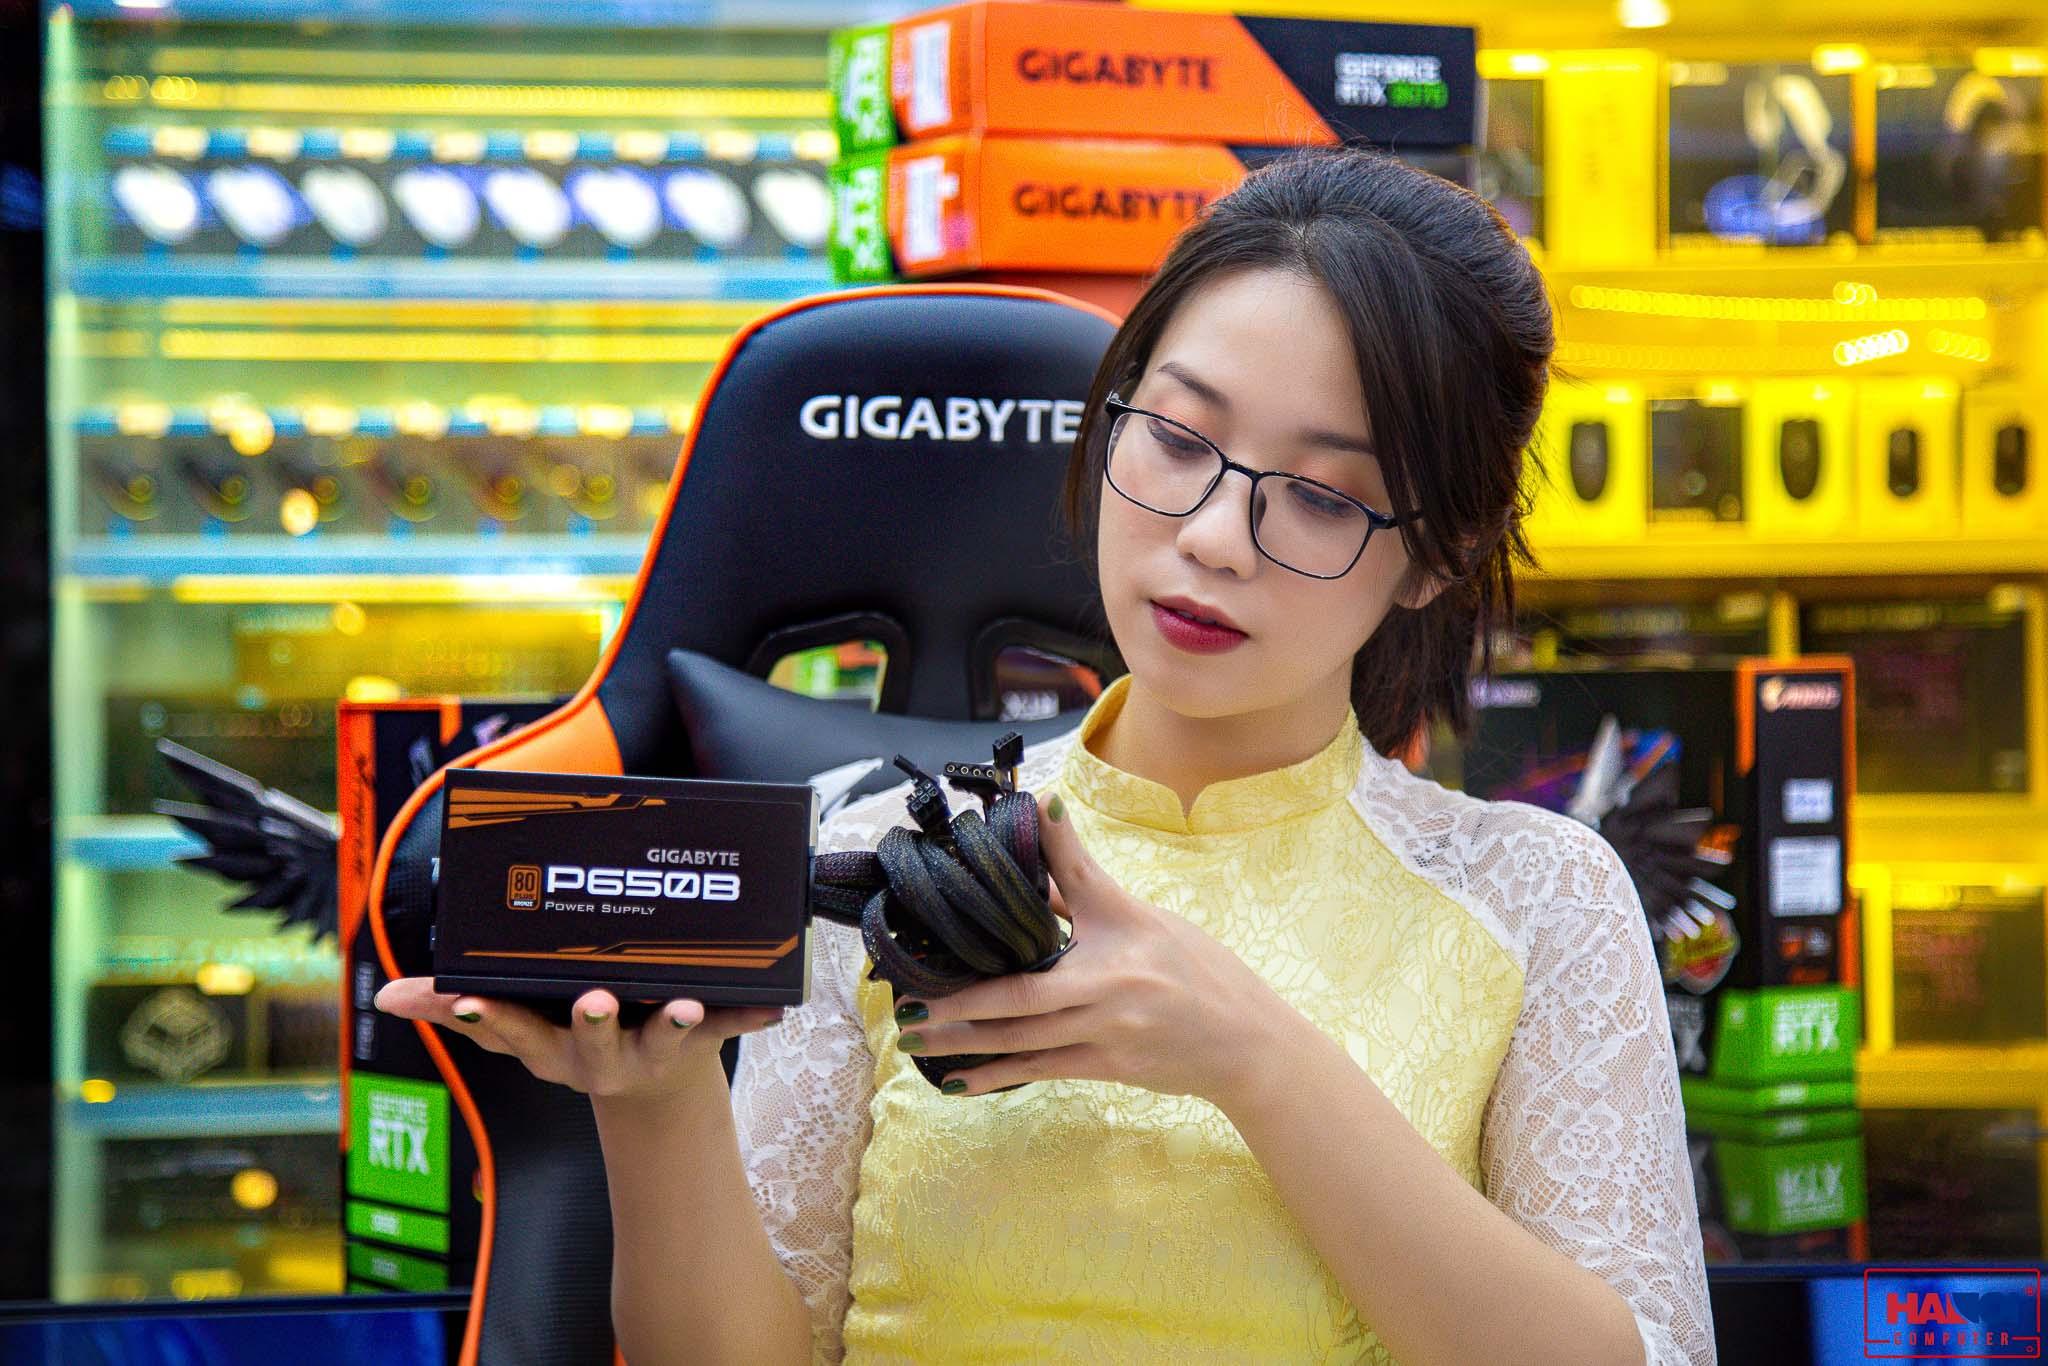 Nguồn Gigabyte GAGP-P650B 650W Active PFC